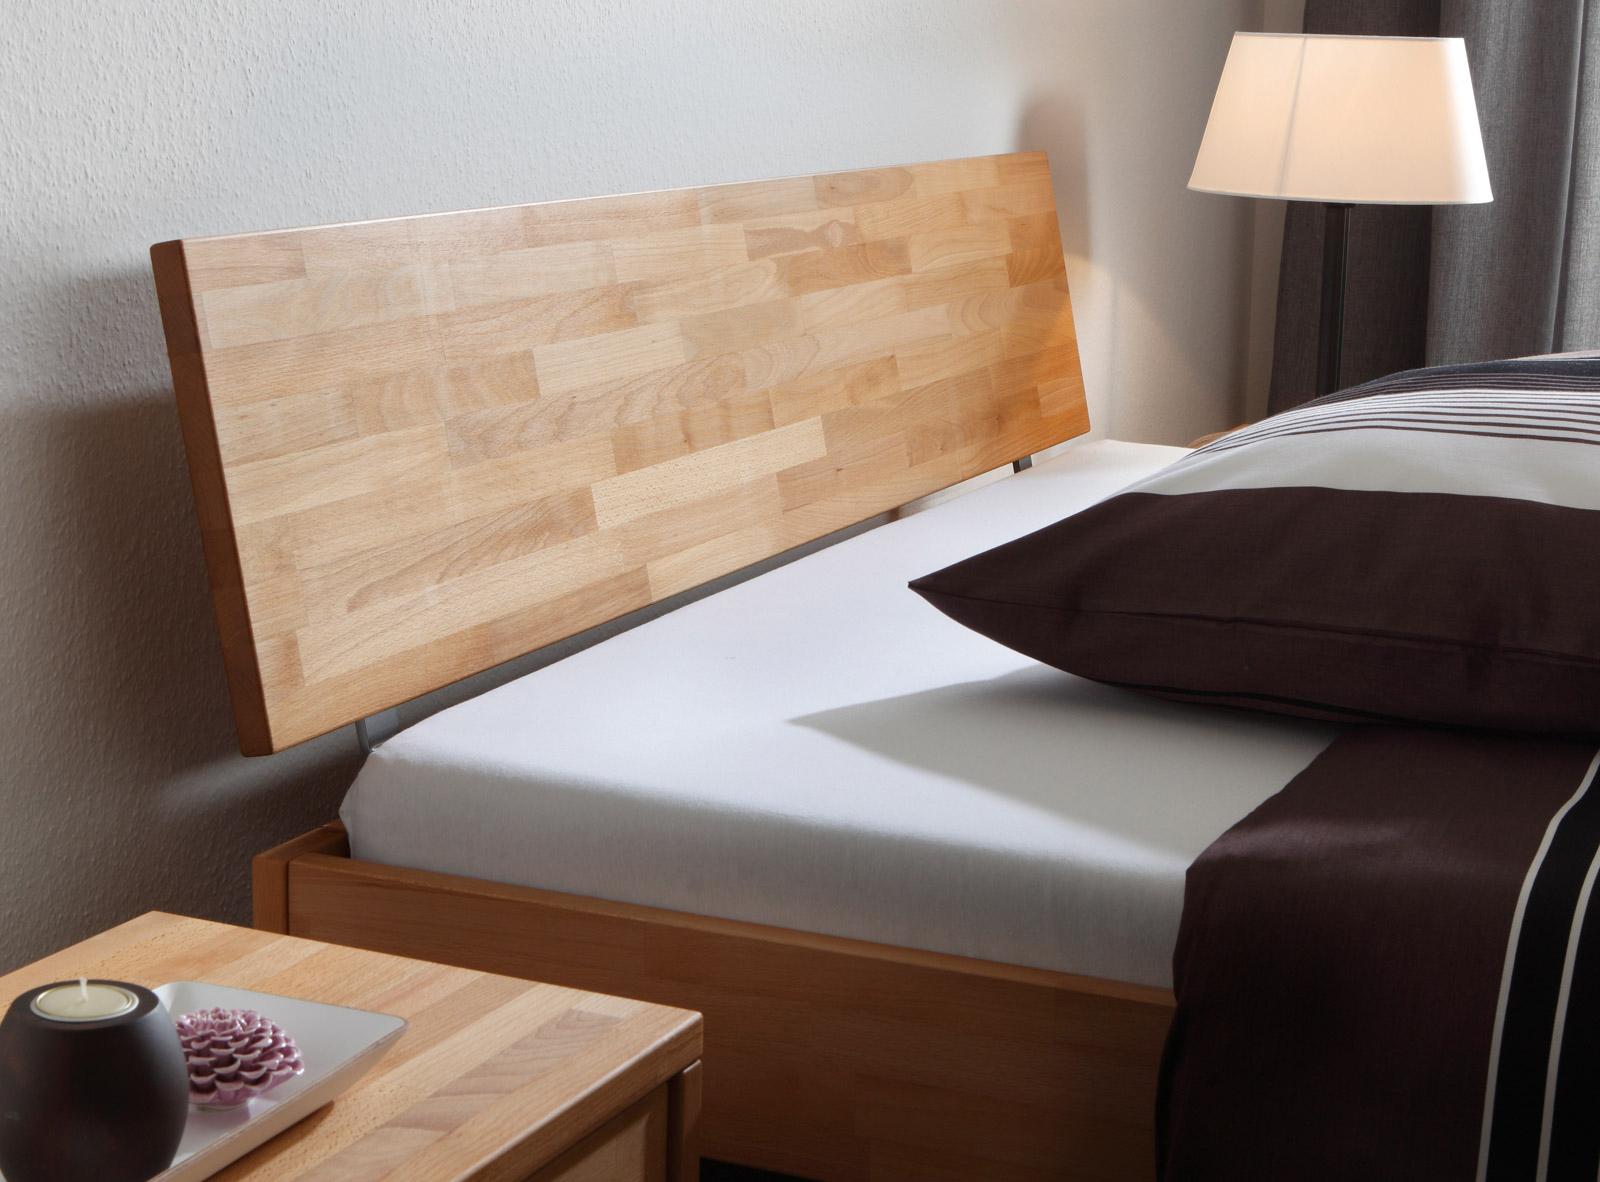 220 ber 1 000 ideen 28 images 15 die besten 20 haare hochstecken 220 ber 1 000 28 220 ber 1. Black Bedroom Furniture Sets. Home Design Ideas